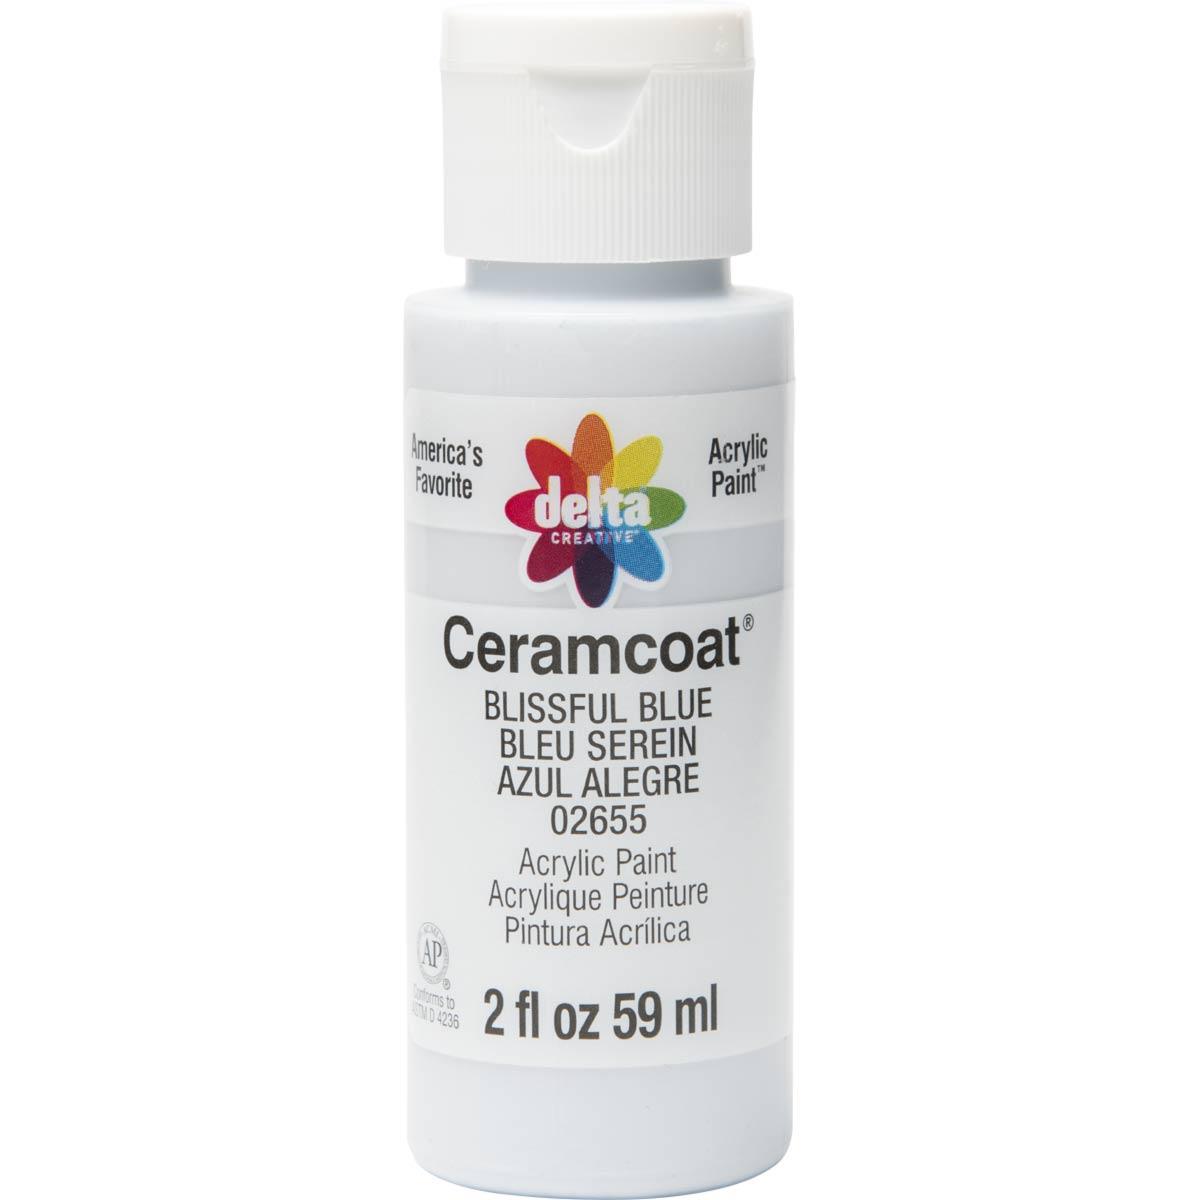 Delta Ceramcoat ® Acrylic Paint - Blissful Blue, 2 oz.